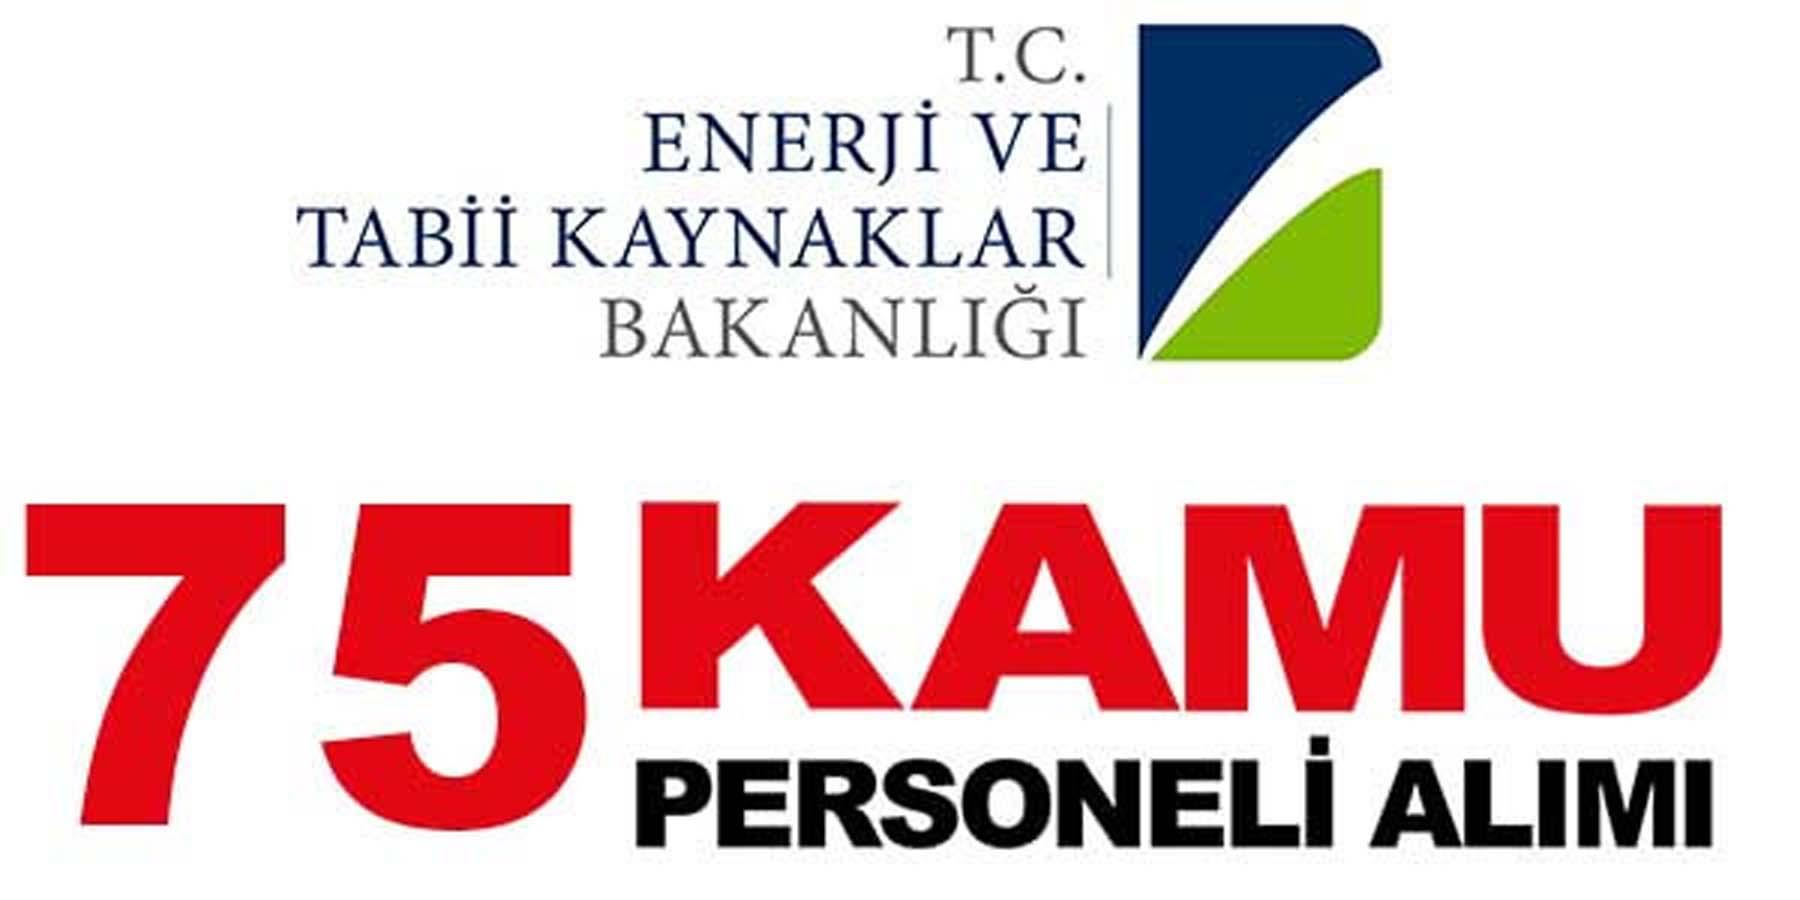 Enerji Ve Tabii Kaynaklar Bakanlığı 75 Personel Alımı